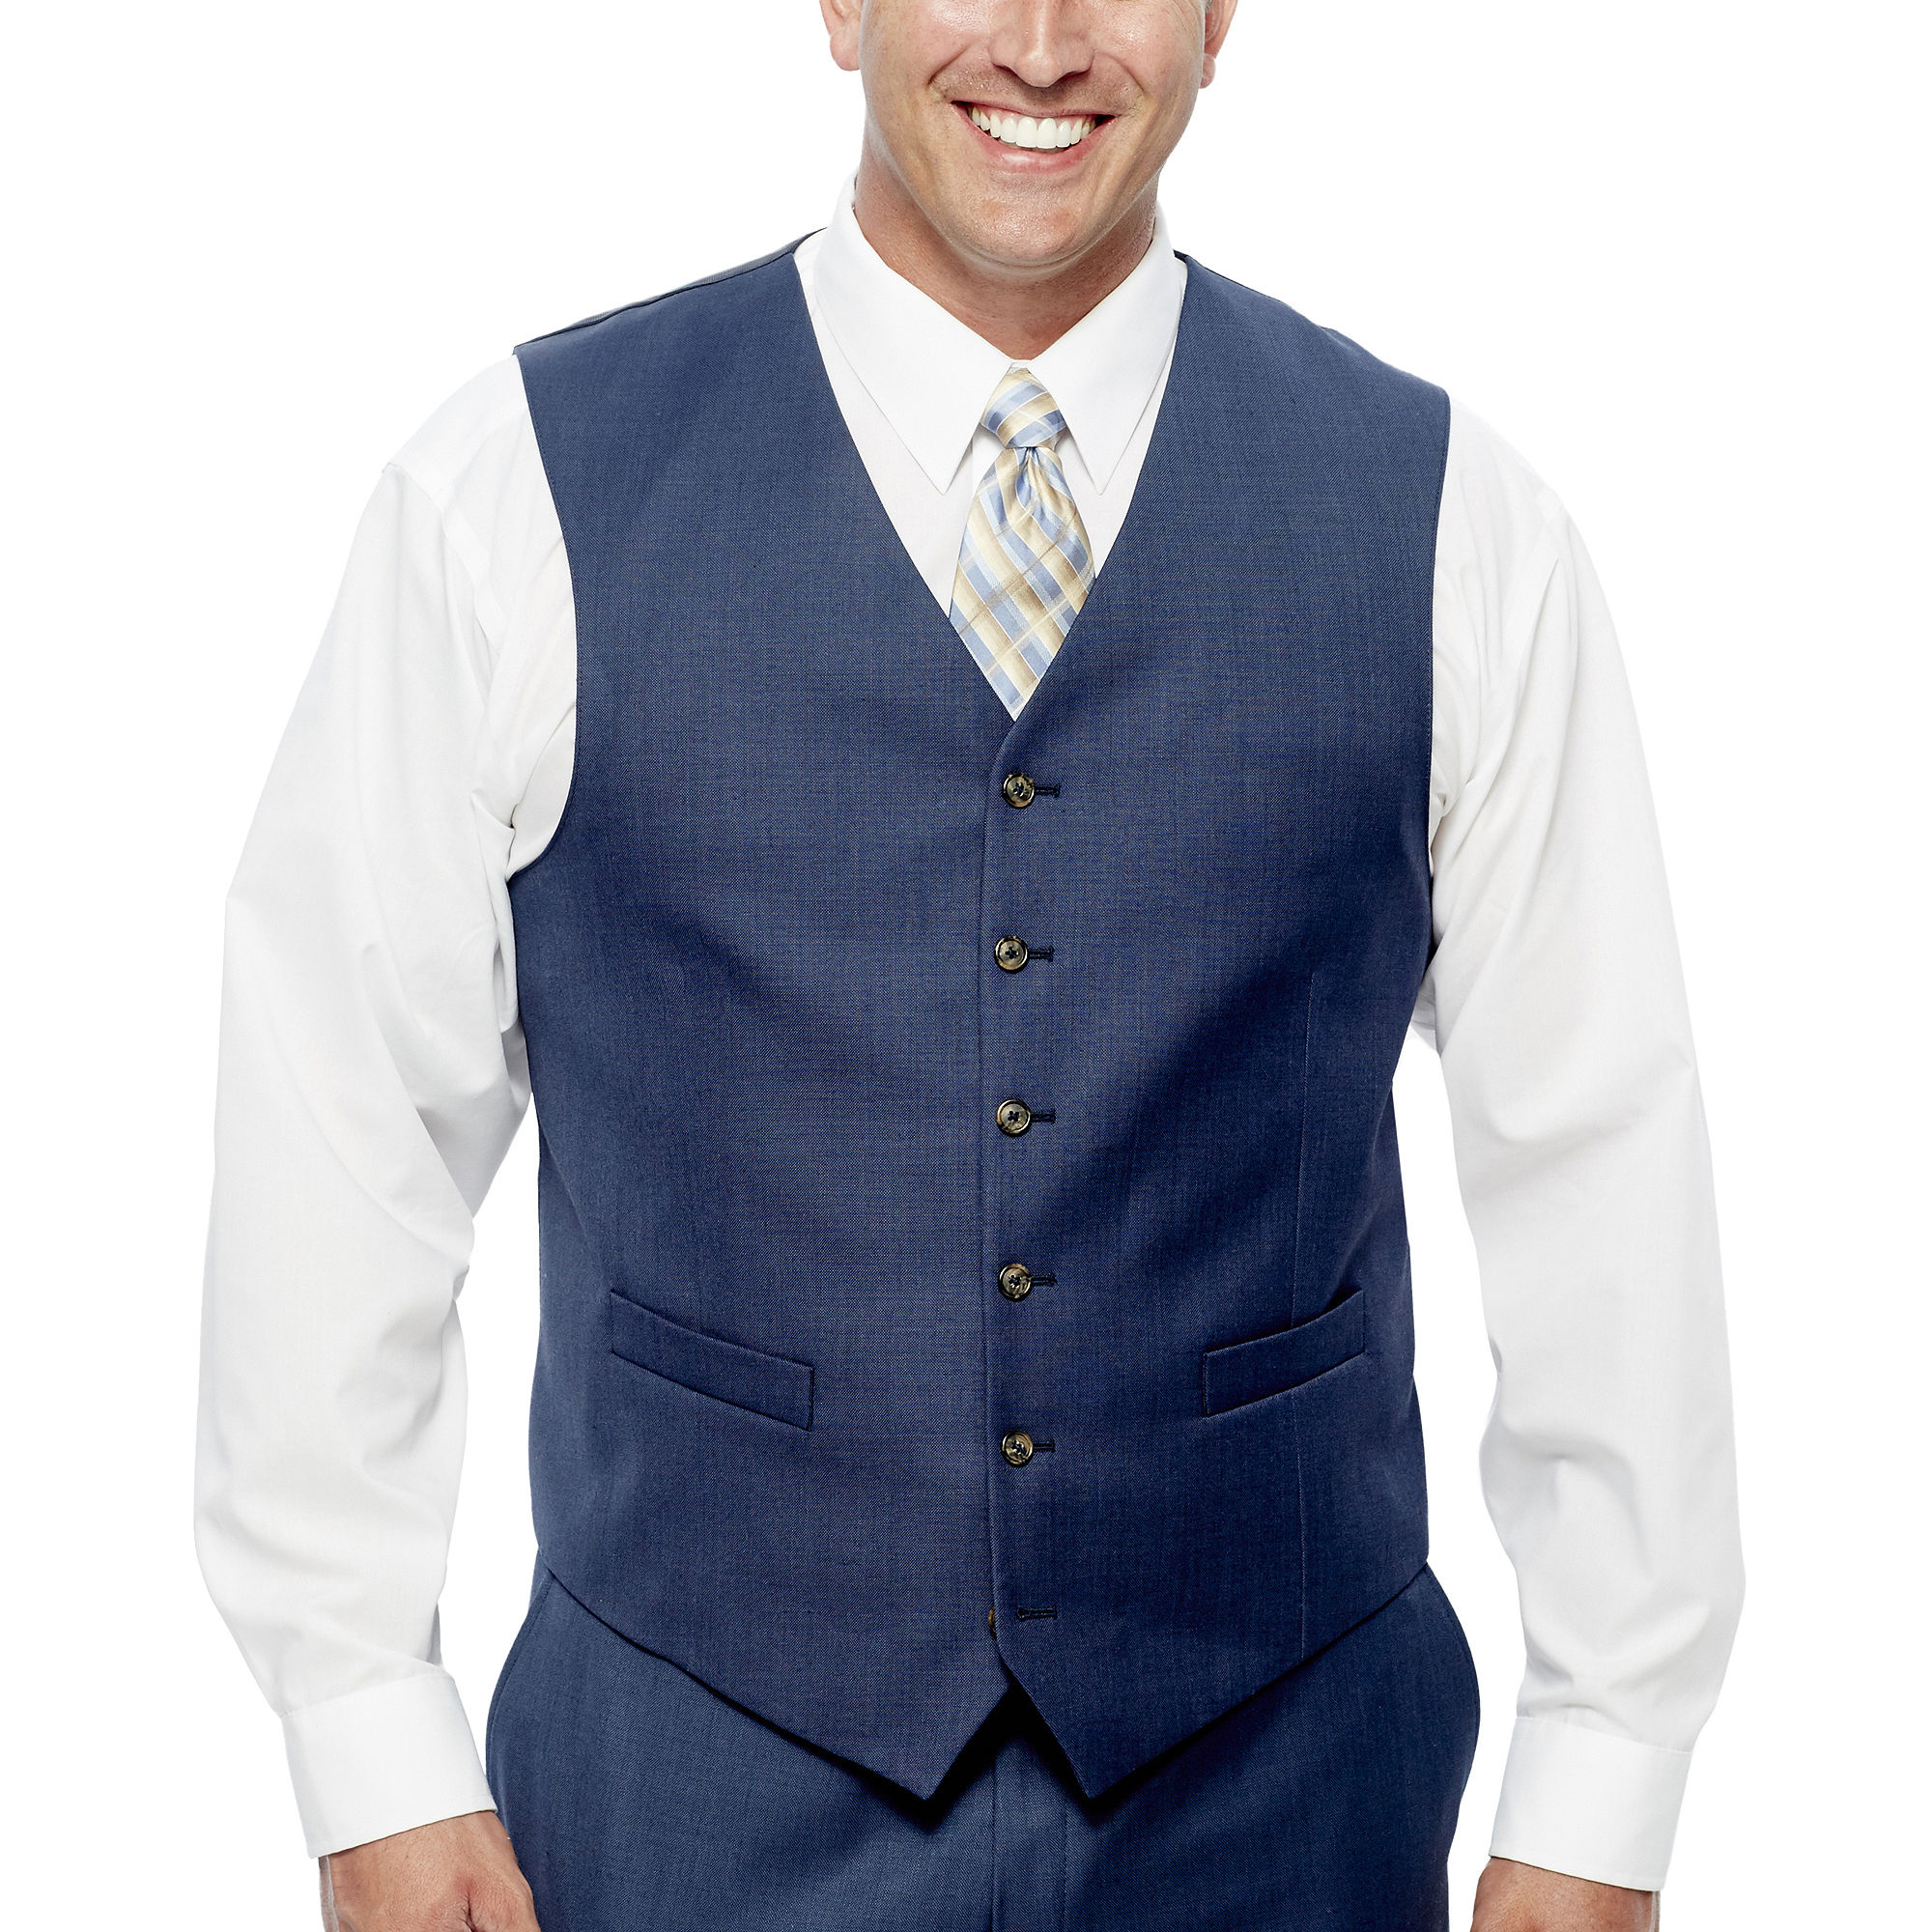 Stafford Travel Medium Blue Suit Vest - Big & Tall Fit